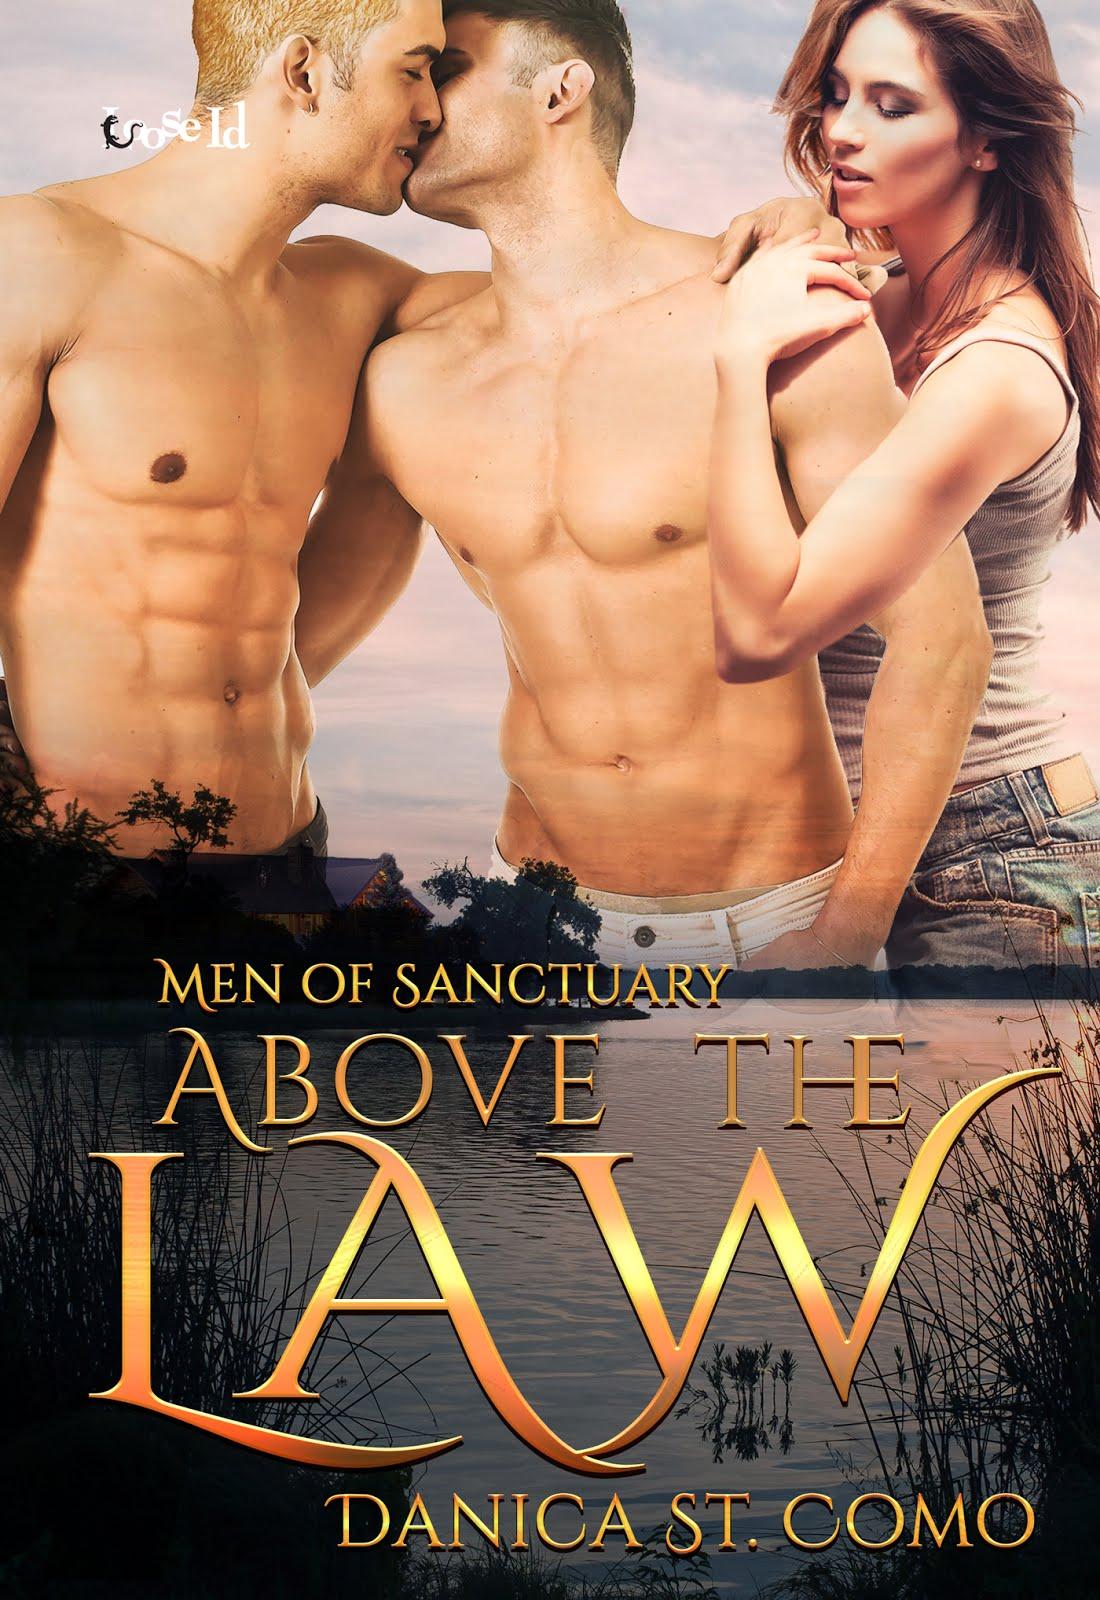 Men of Sanctuary